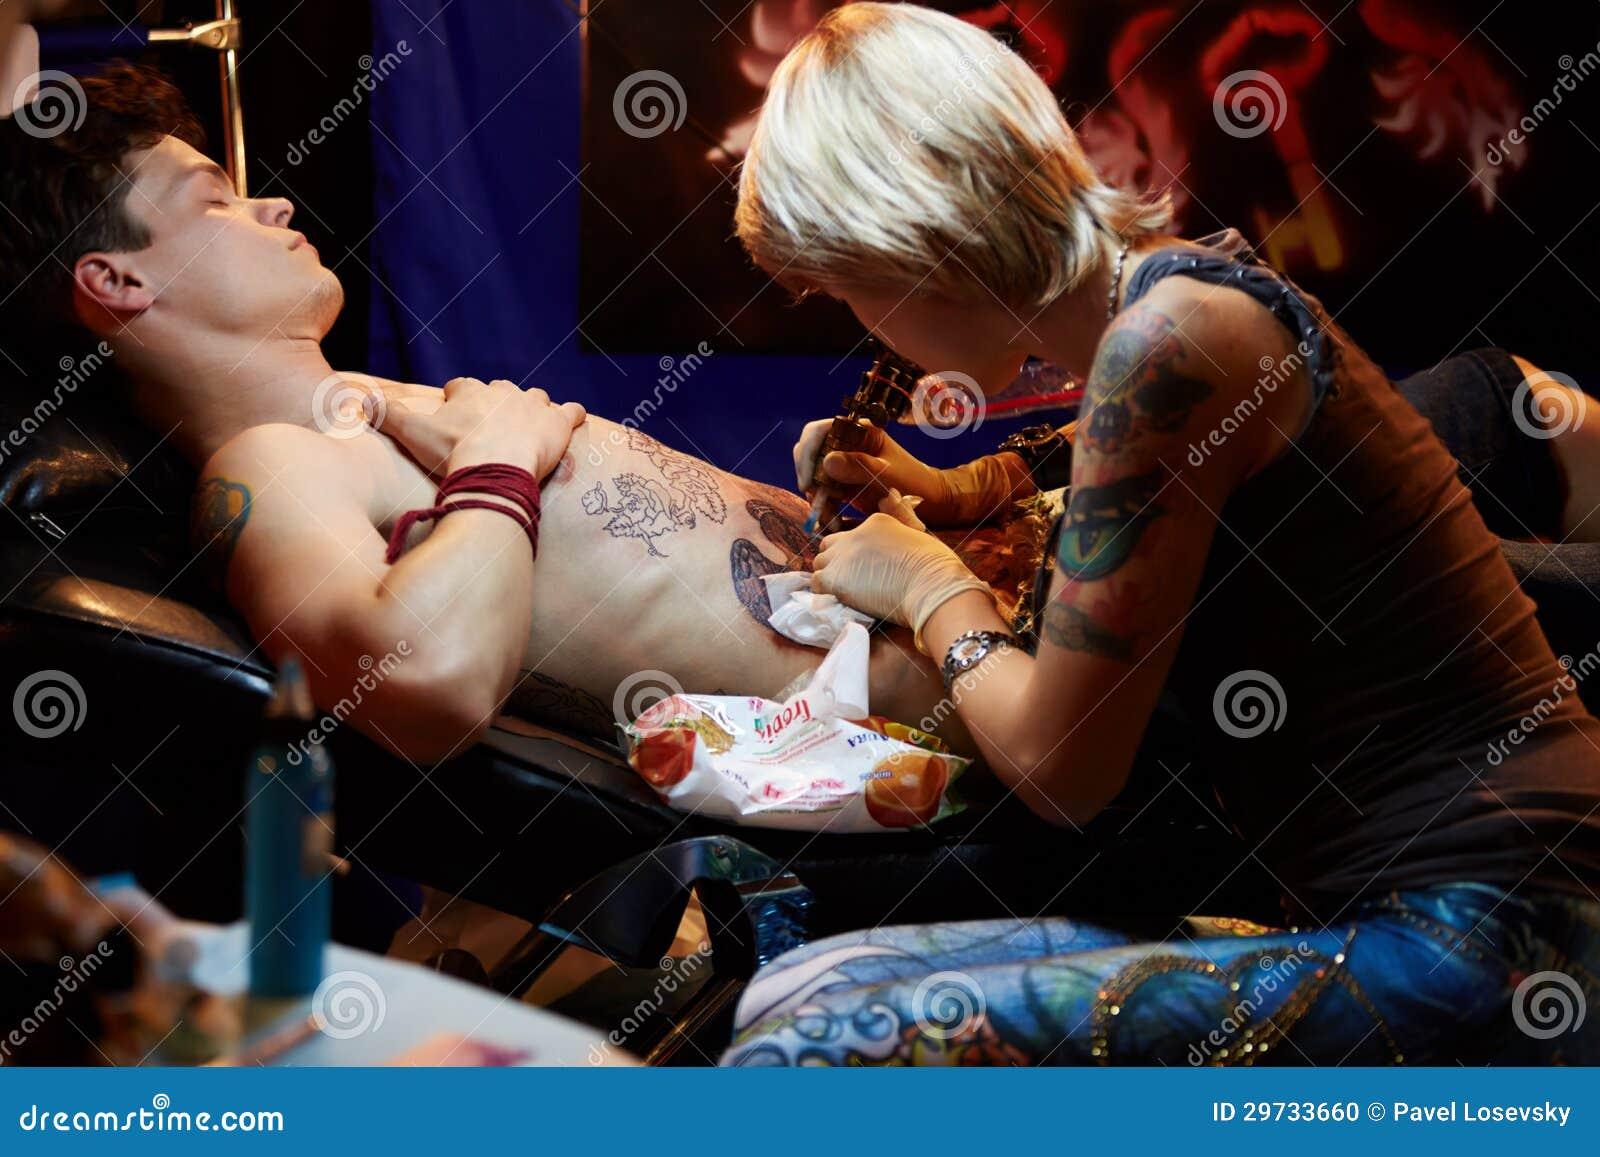 Художник татуировки работает в клубе ARENA-MOSCOW